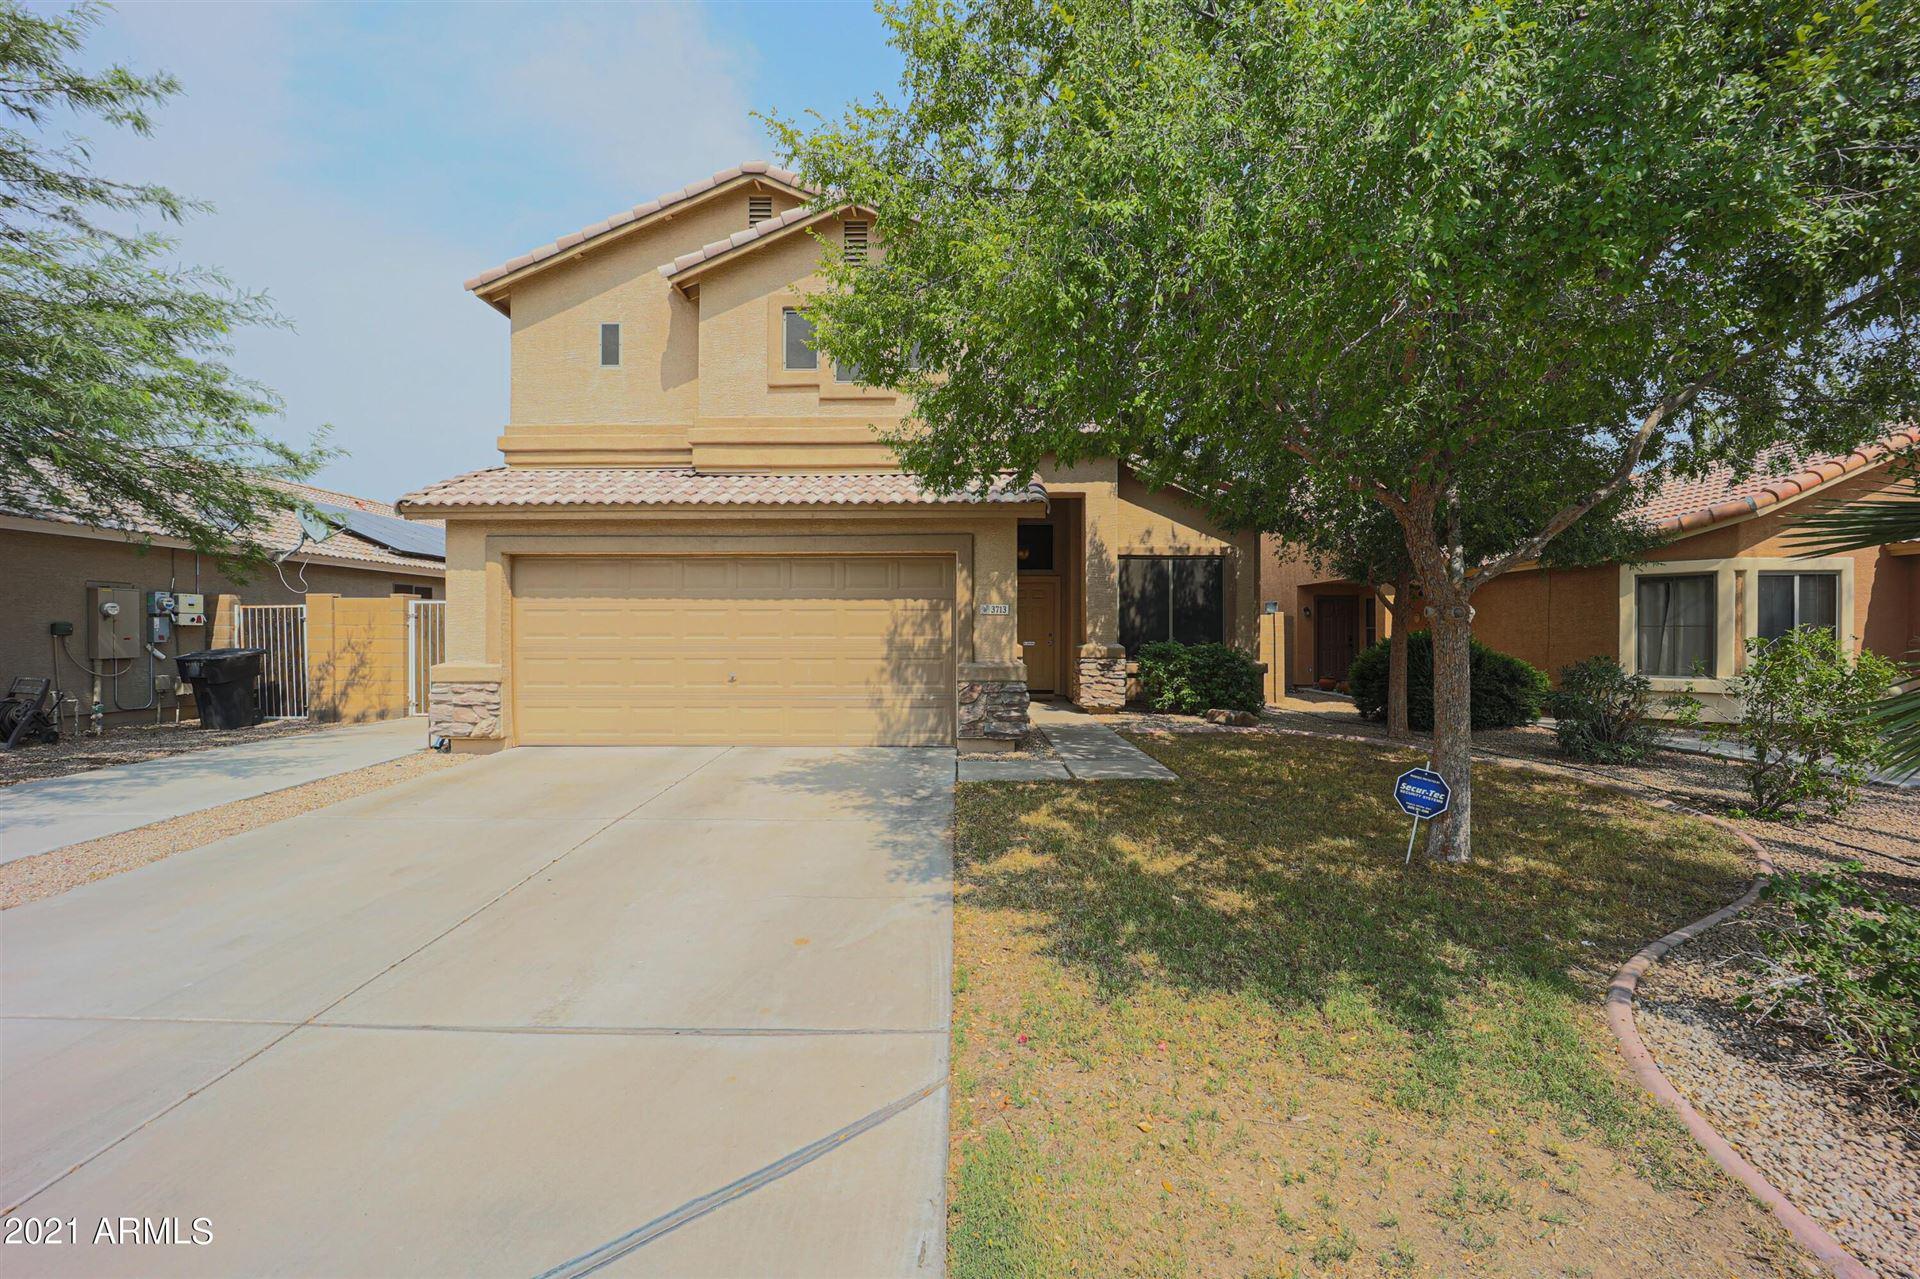 Photo of 3713 N 125TH Drive, Avondale, AZ 85392 (MLS # 6268756)